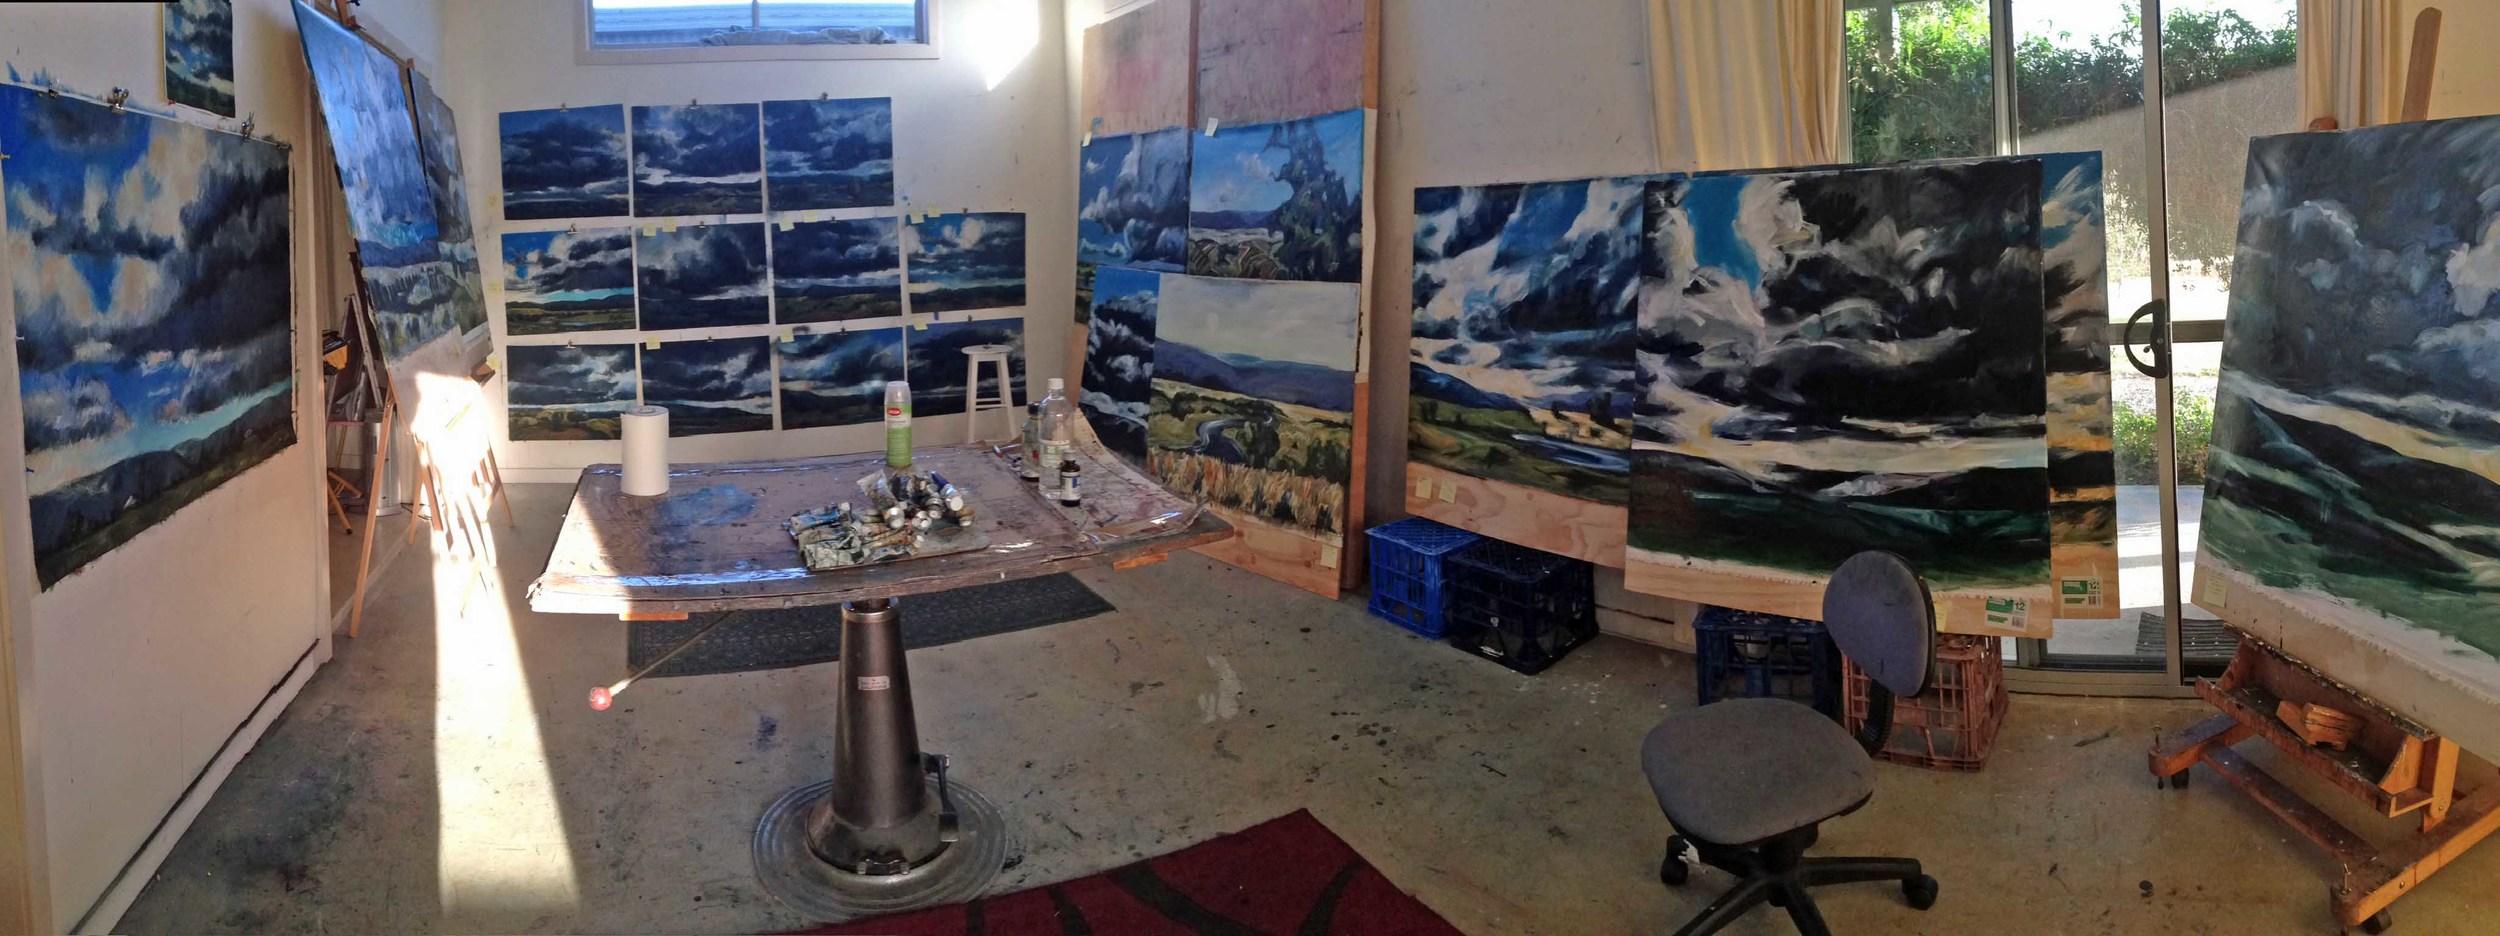 Studio chaos last week.